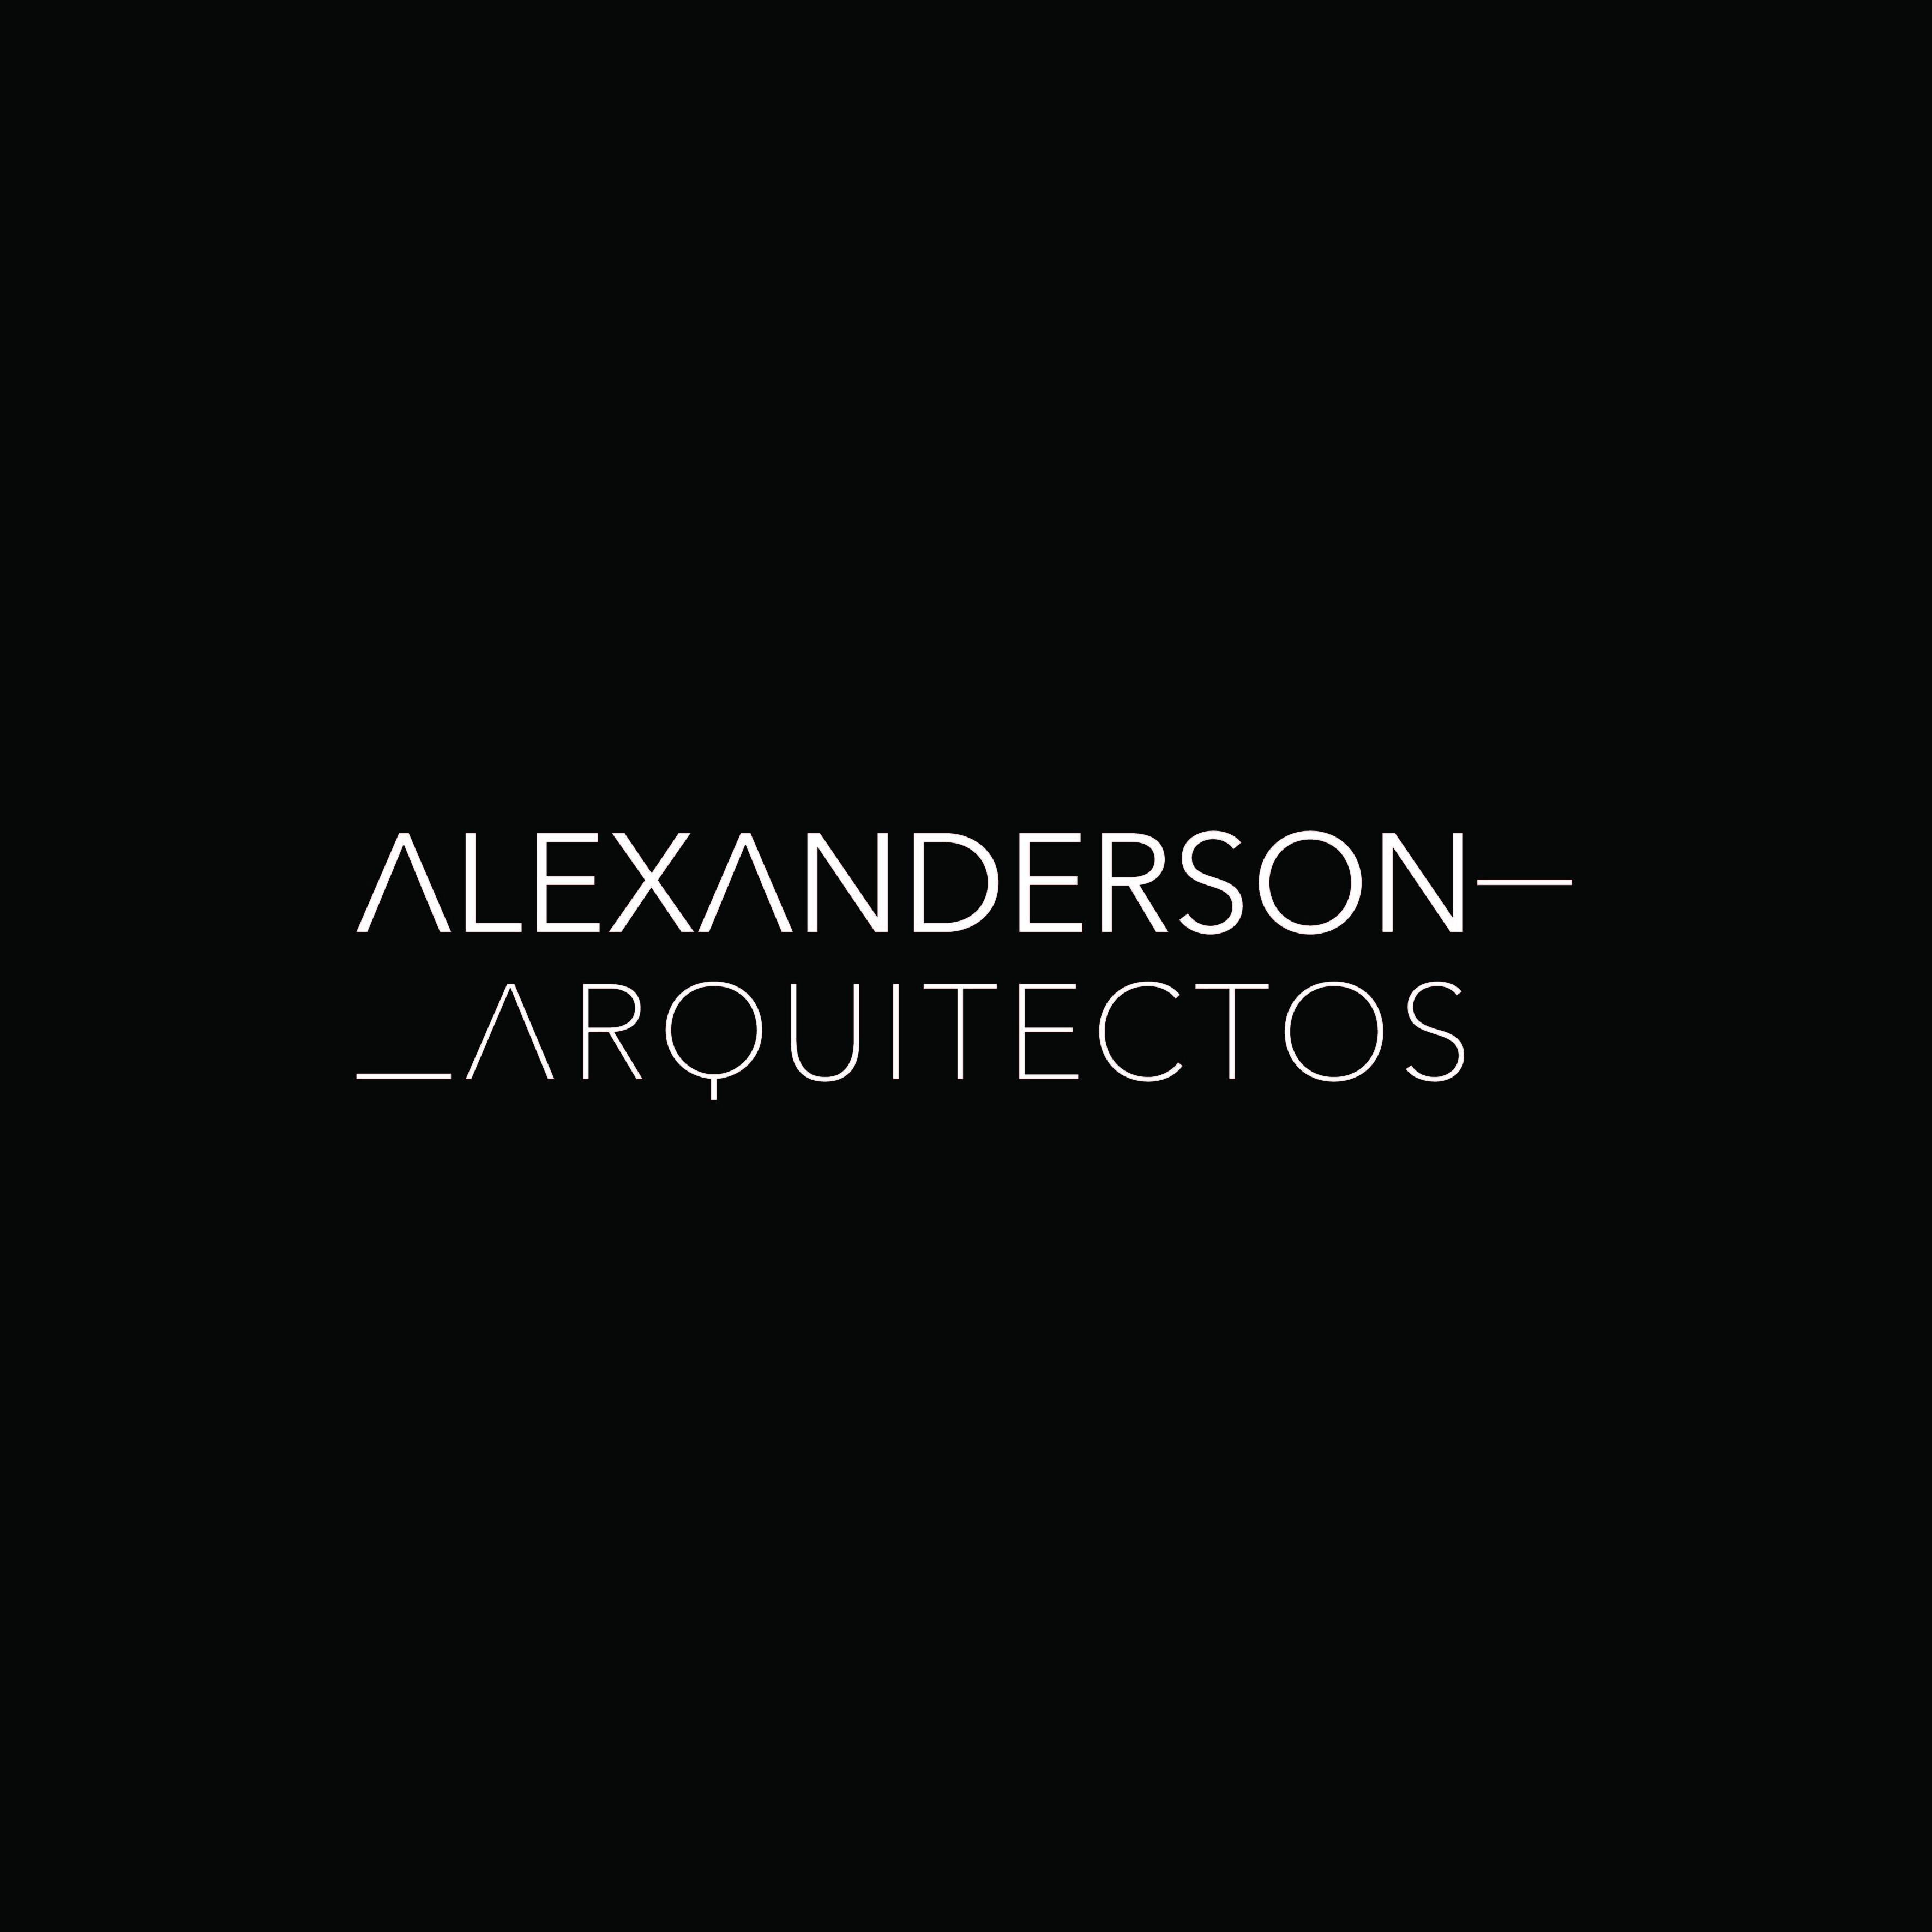 Alexanderson Arquitectos